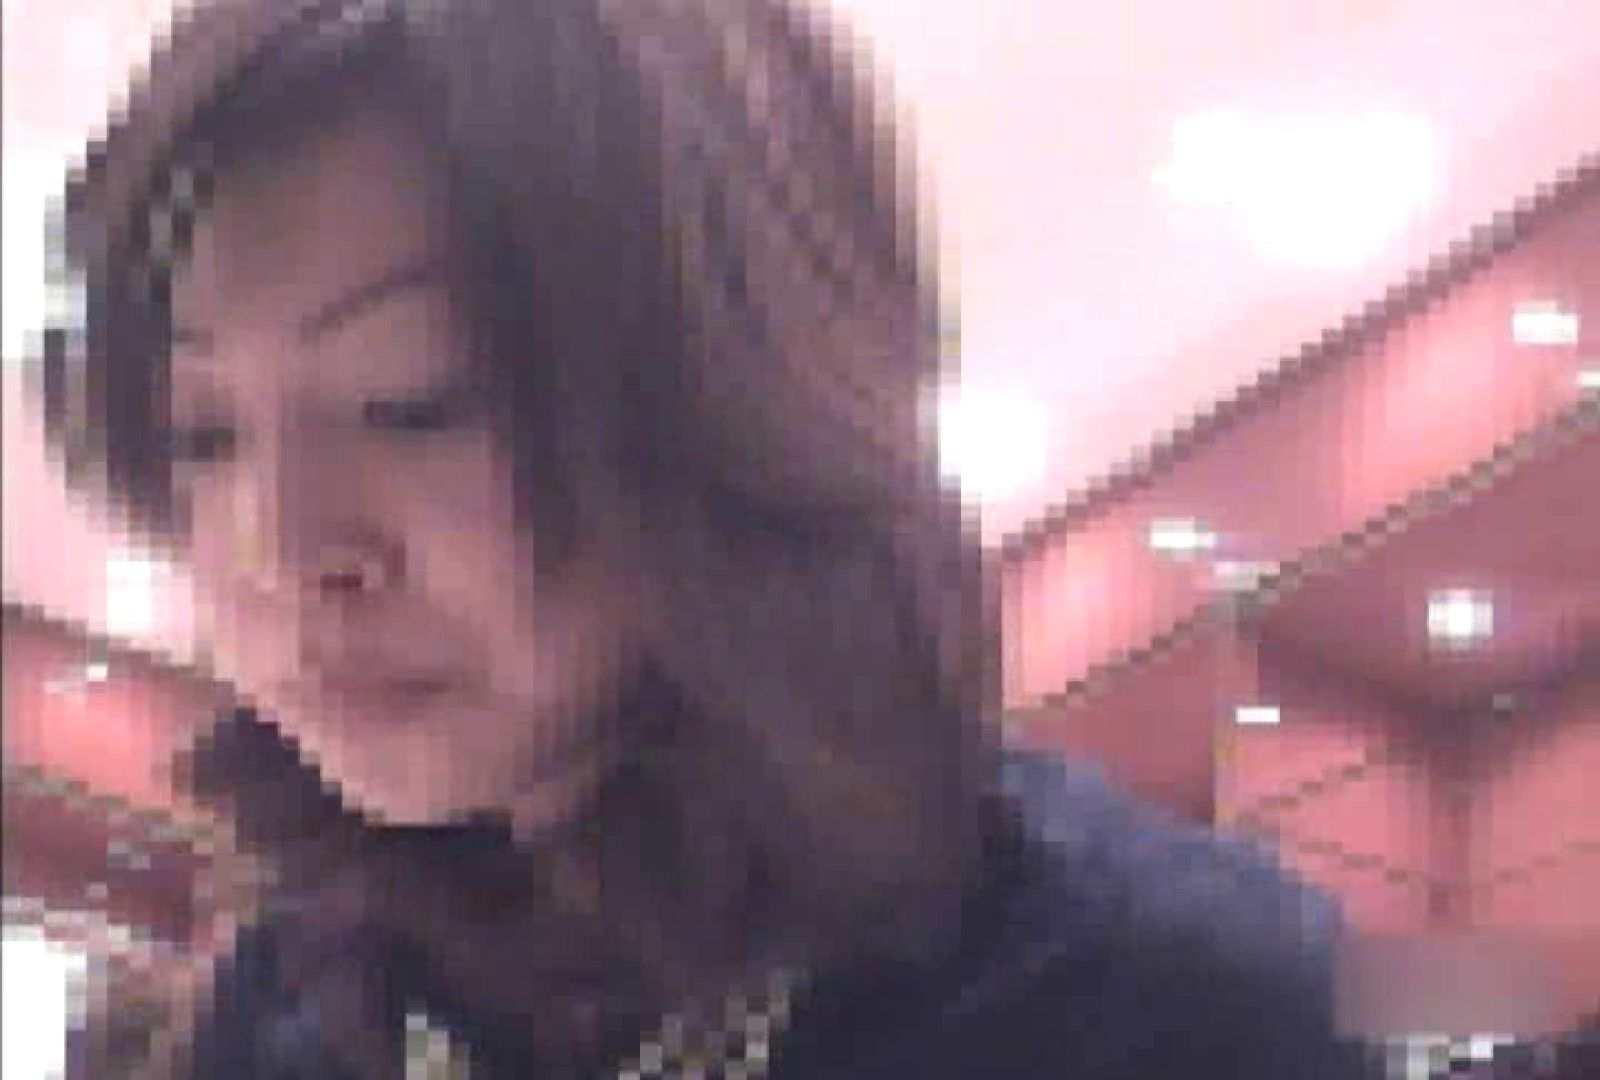 ショップ店員のパンチラアクシデント Vol.25 新入生パンチラ SEX無修正画像 104pic 11